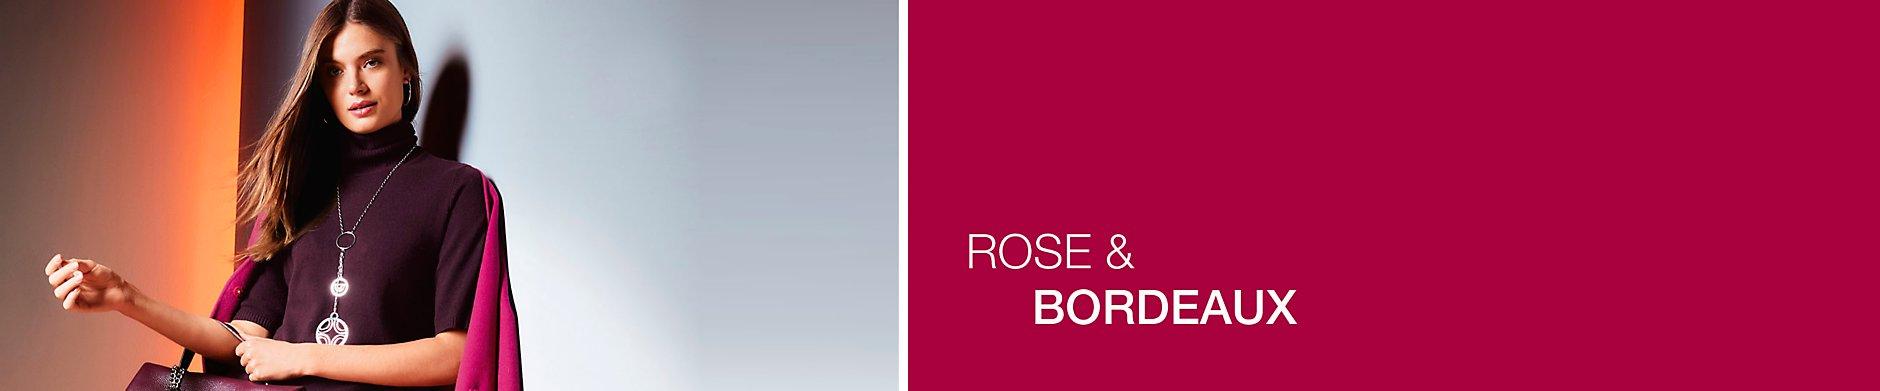 Rose & Bordeaux